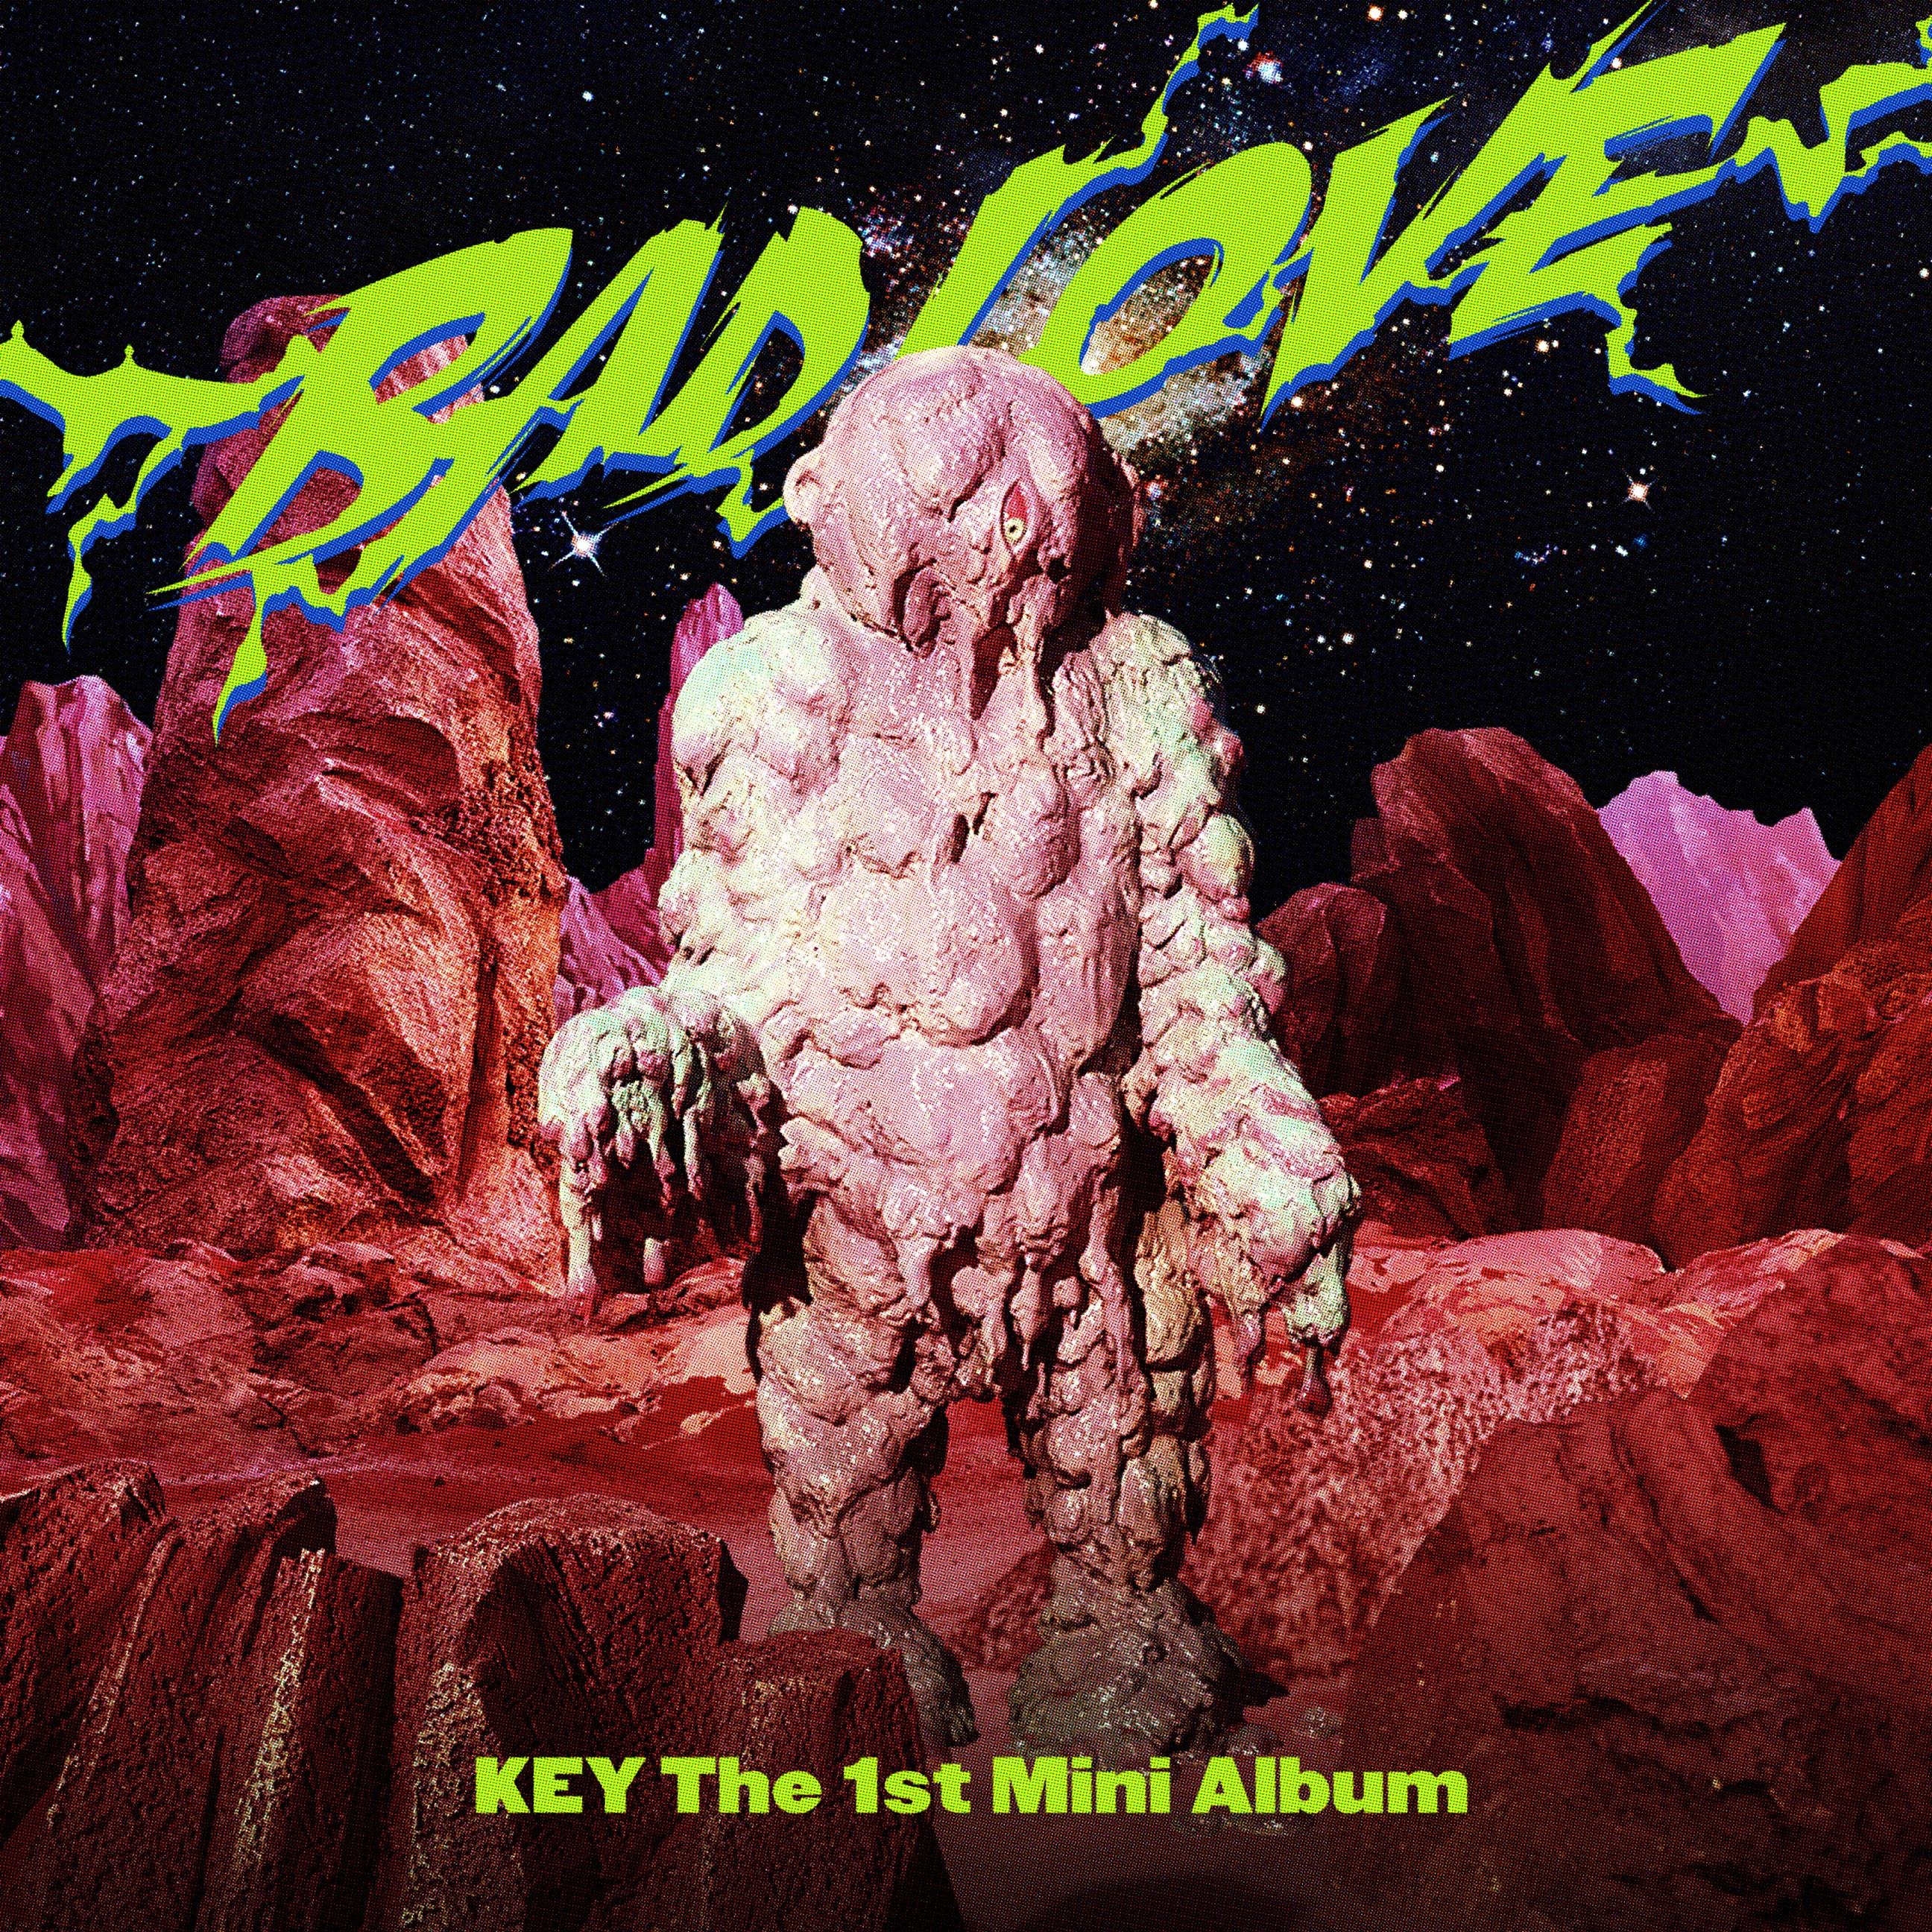 키(Key) - 미니앨범 1집 [BAD LOVE] (PhotoBook B Ver.)케이팝스토어(kpop store)